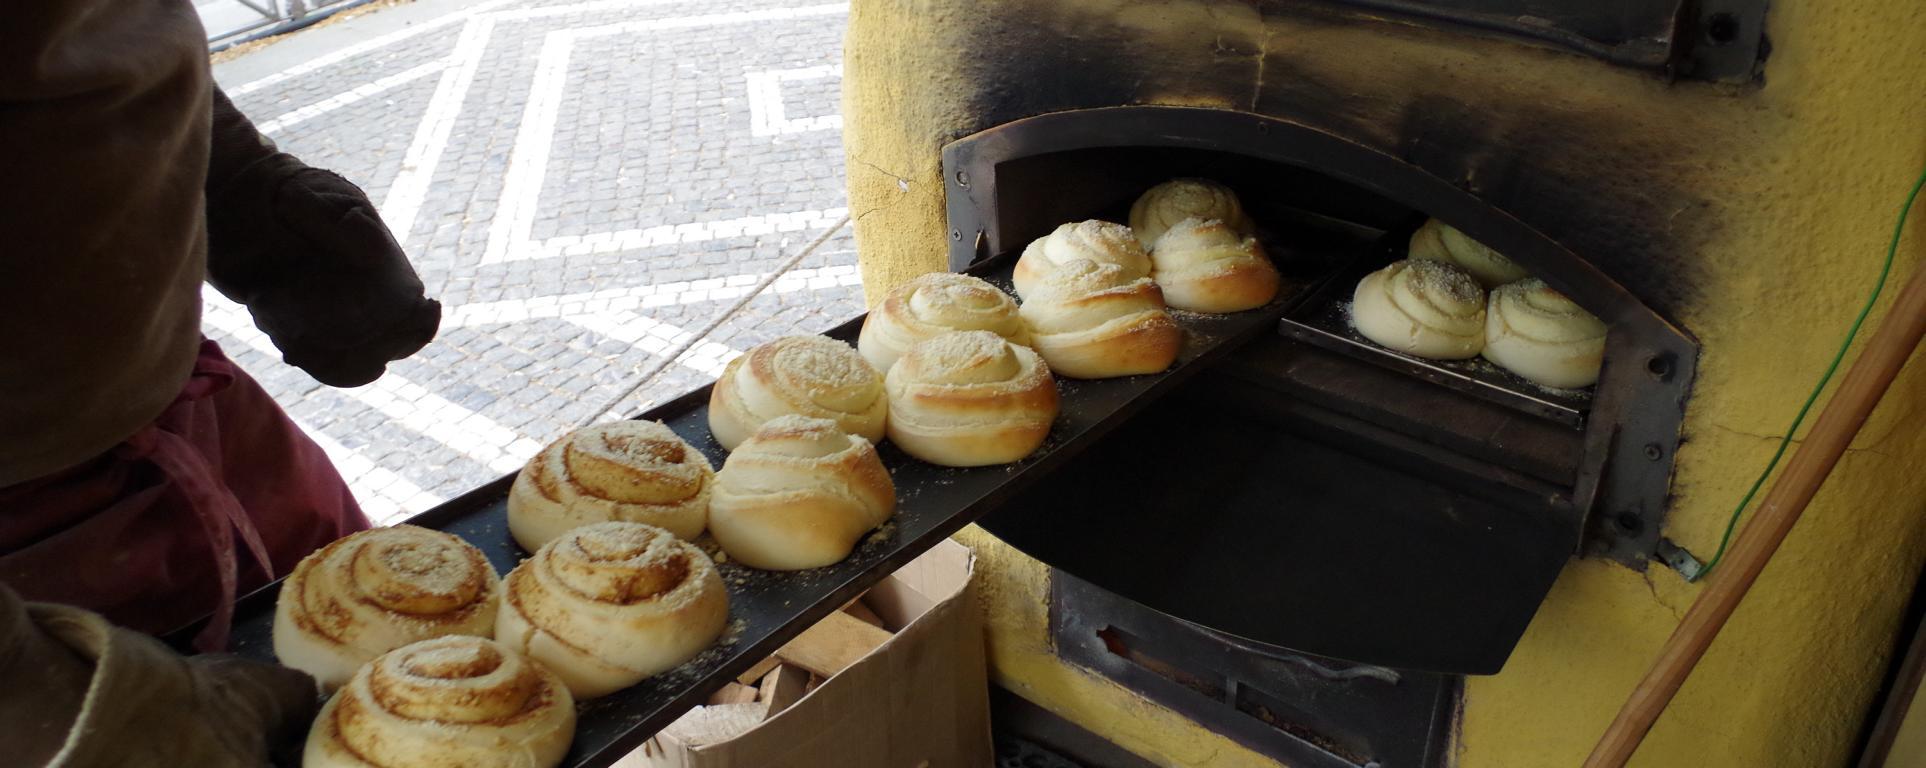 dinnete-bäcker wendet ein blech frischer hefeschnecken in einem holzofen